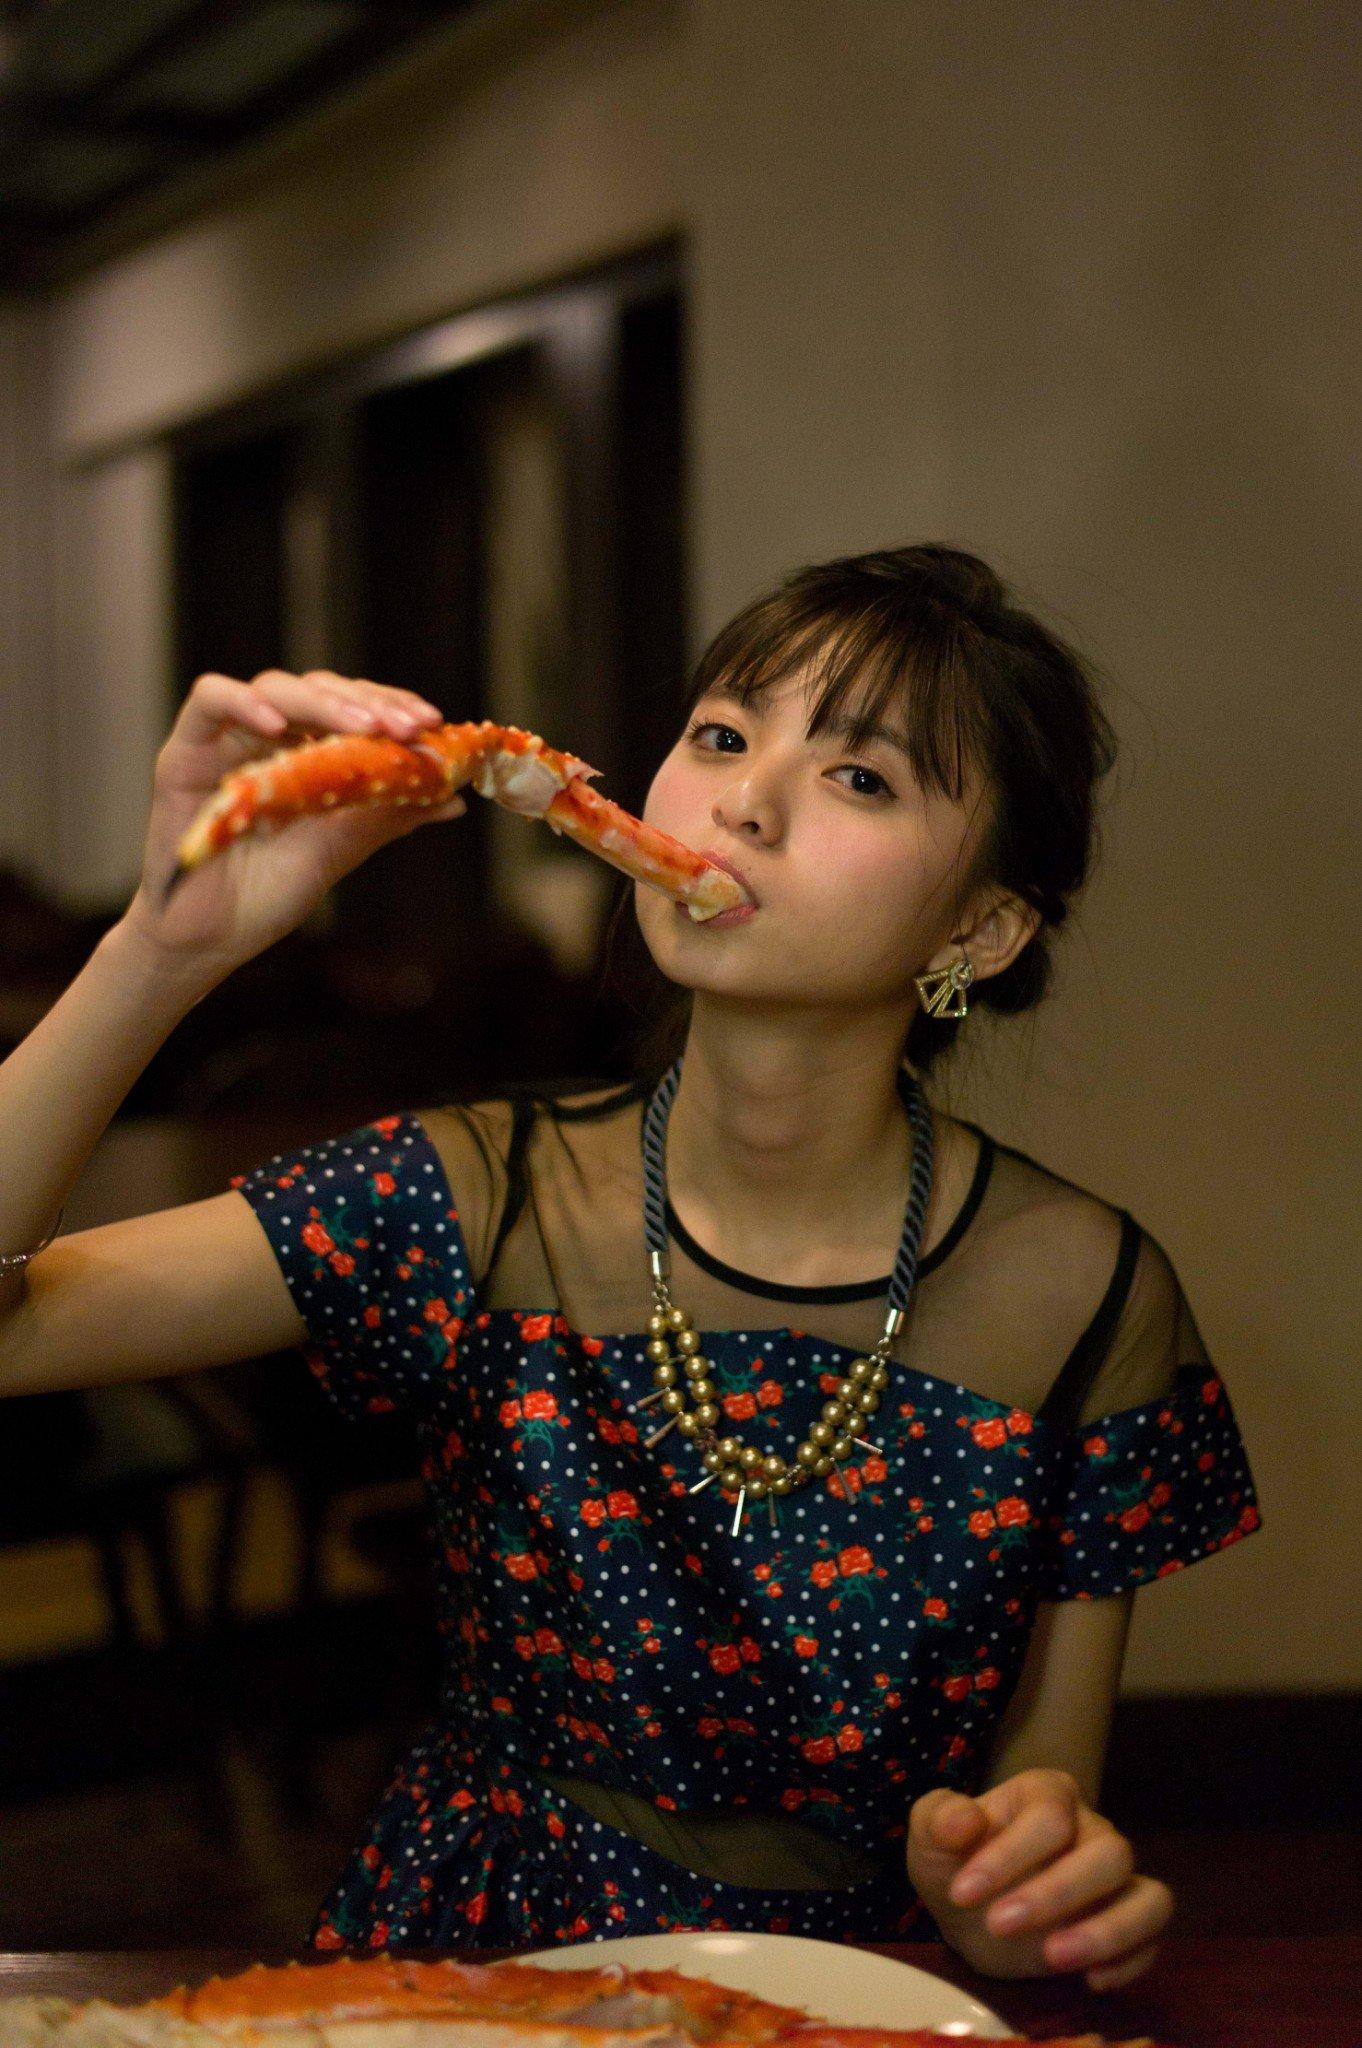 カニを食べる齋藤飛鳥